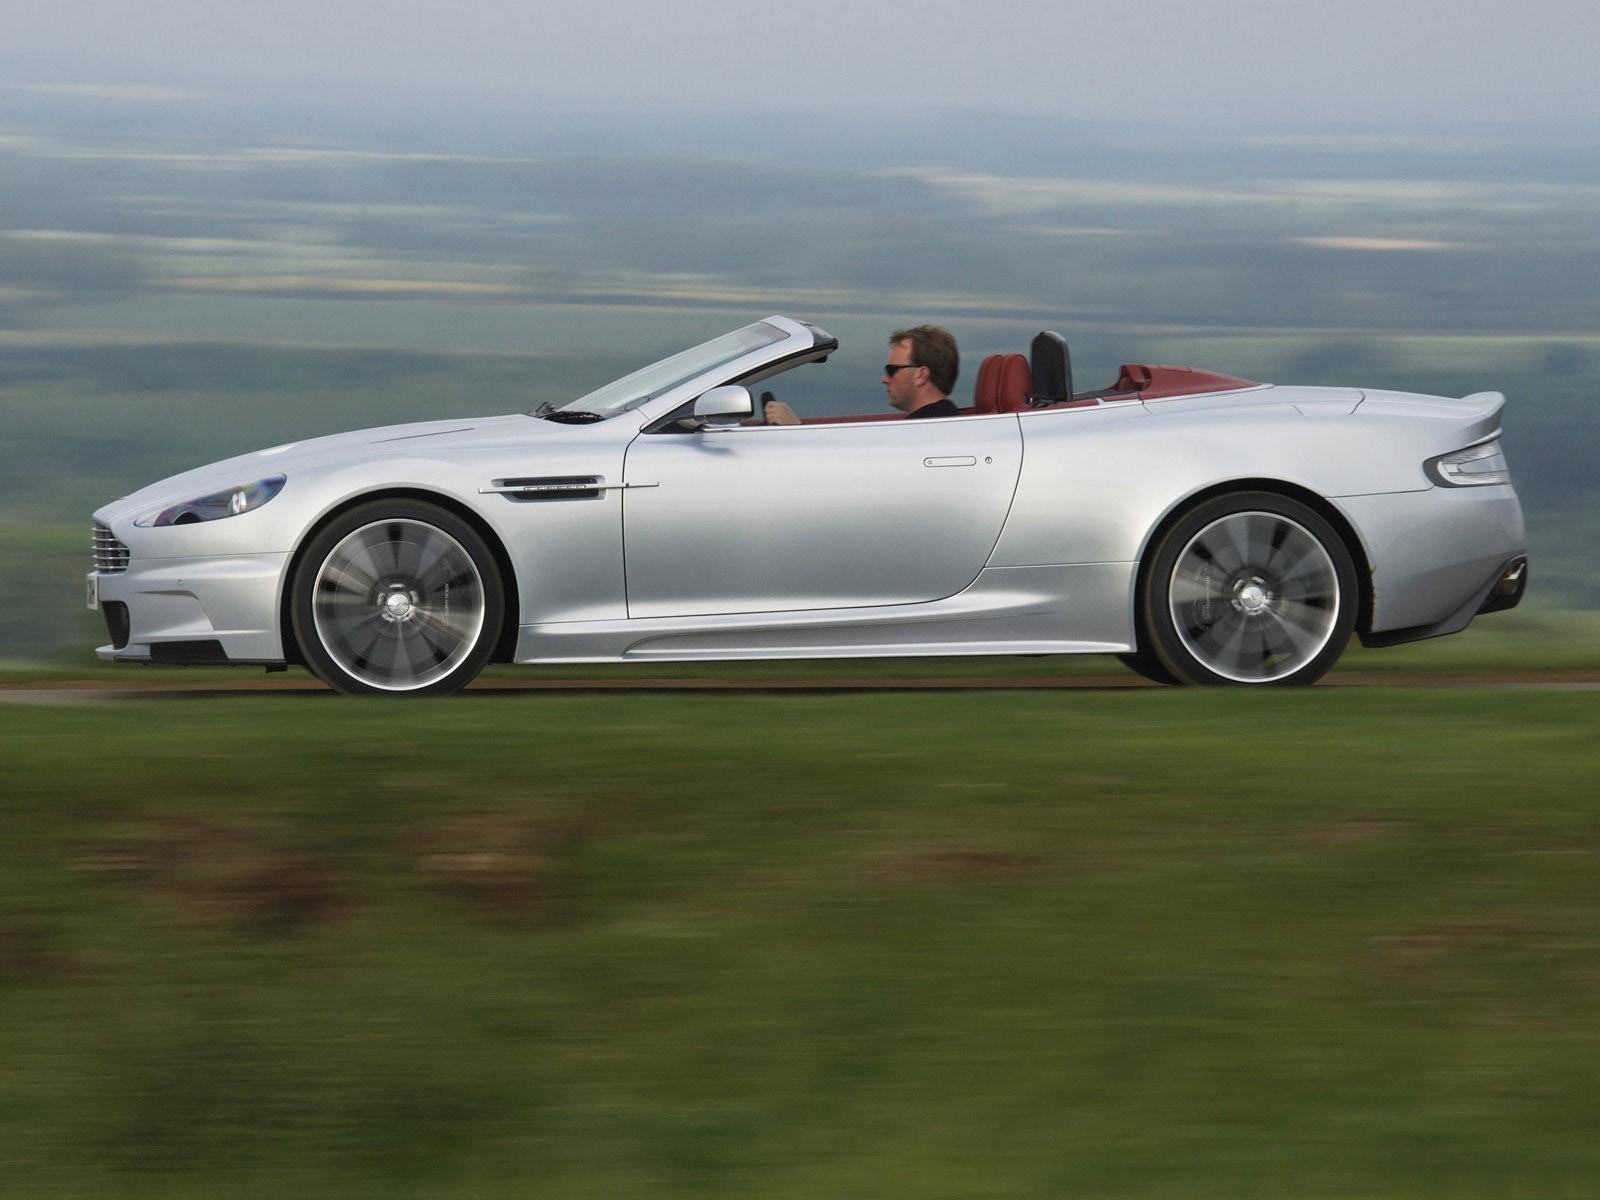 Aston Martin Dbs Volante Spezifikationen Fotos 2009 2010 2011 2012 Autoevolution In Deutscher Sprache